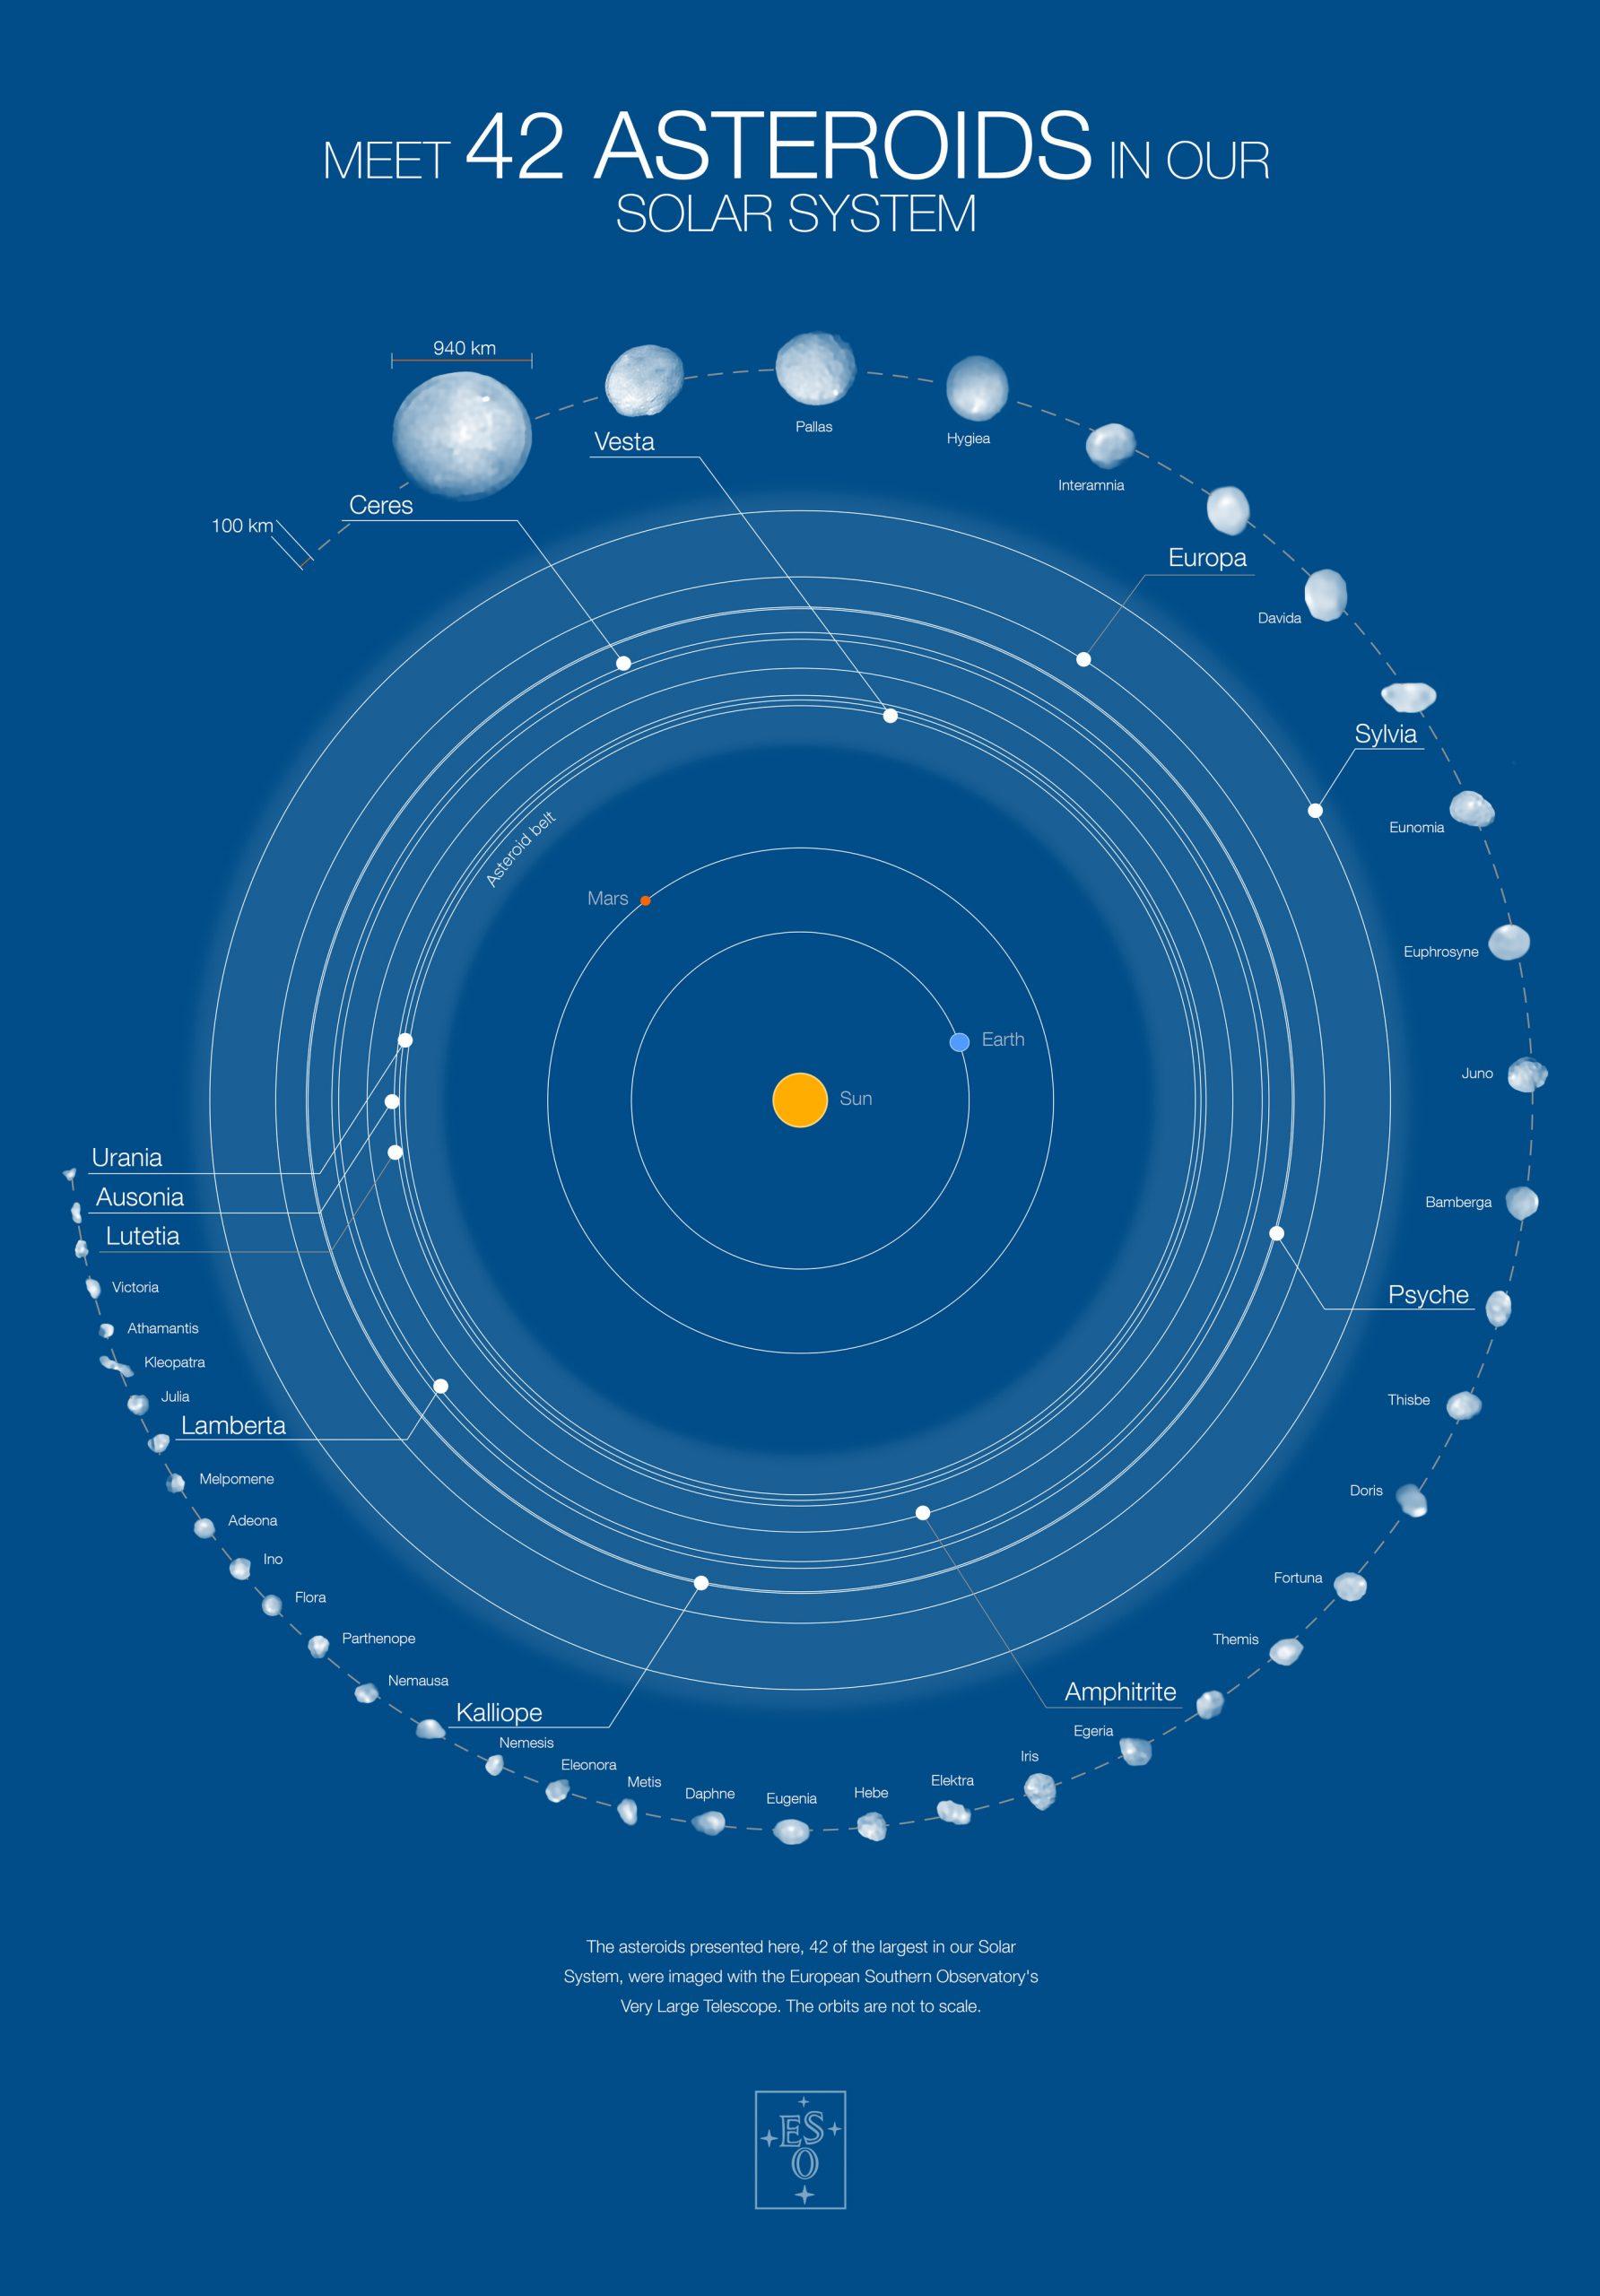 Un poster realizzato dall'ESO dei 42 asteroidi fotografati con il VLT. Crediti: ESO/M. Kornmesser/Vernazza et al./MISTRAL algorithm (ONERA/CNRS)